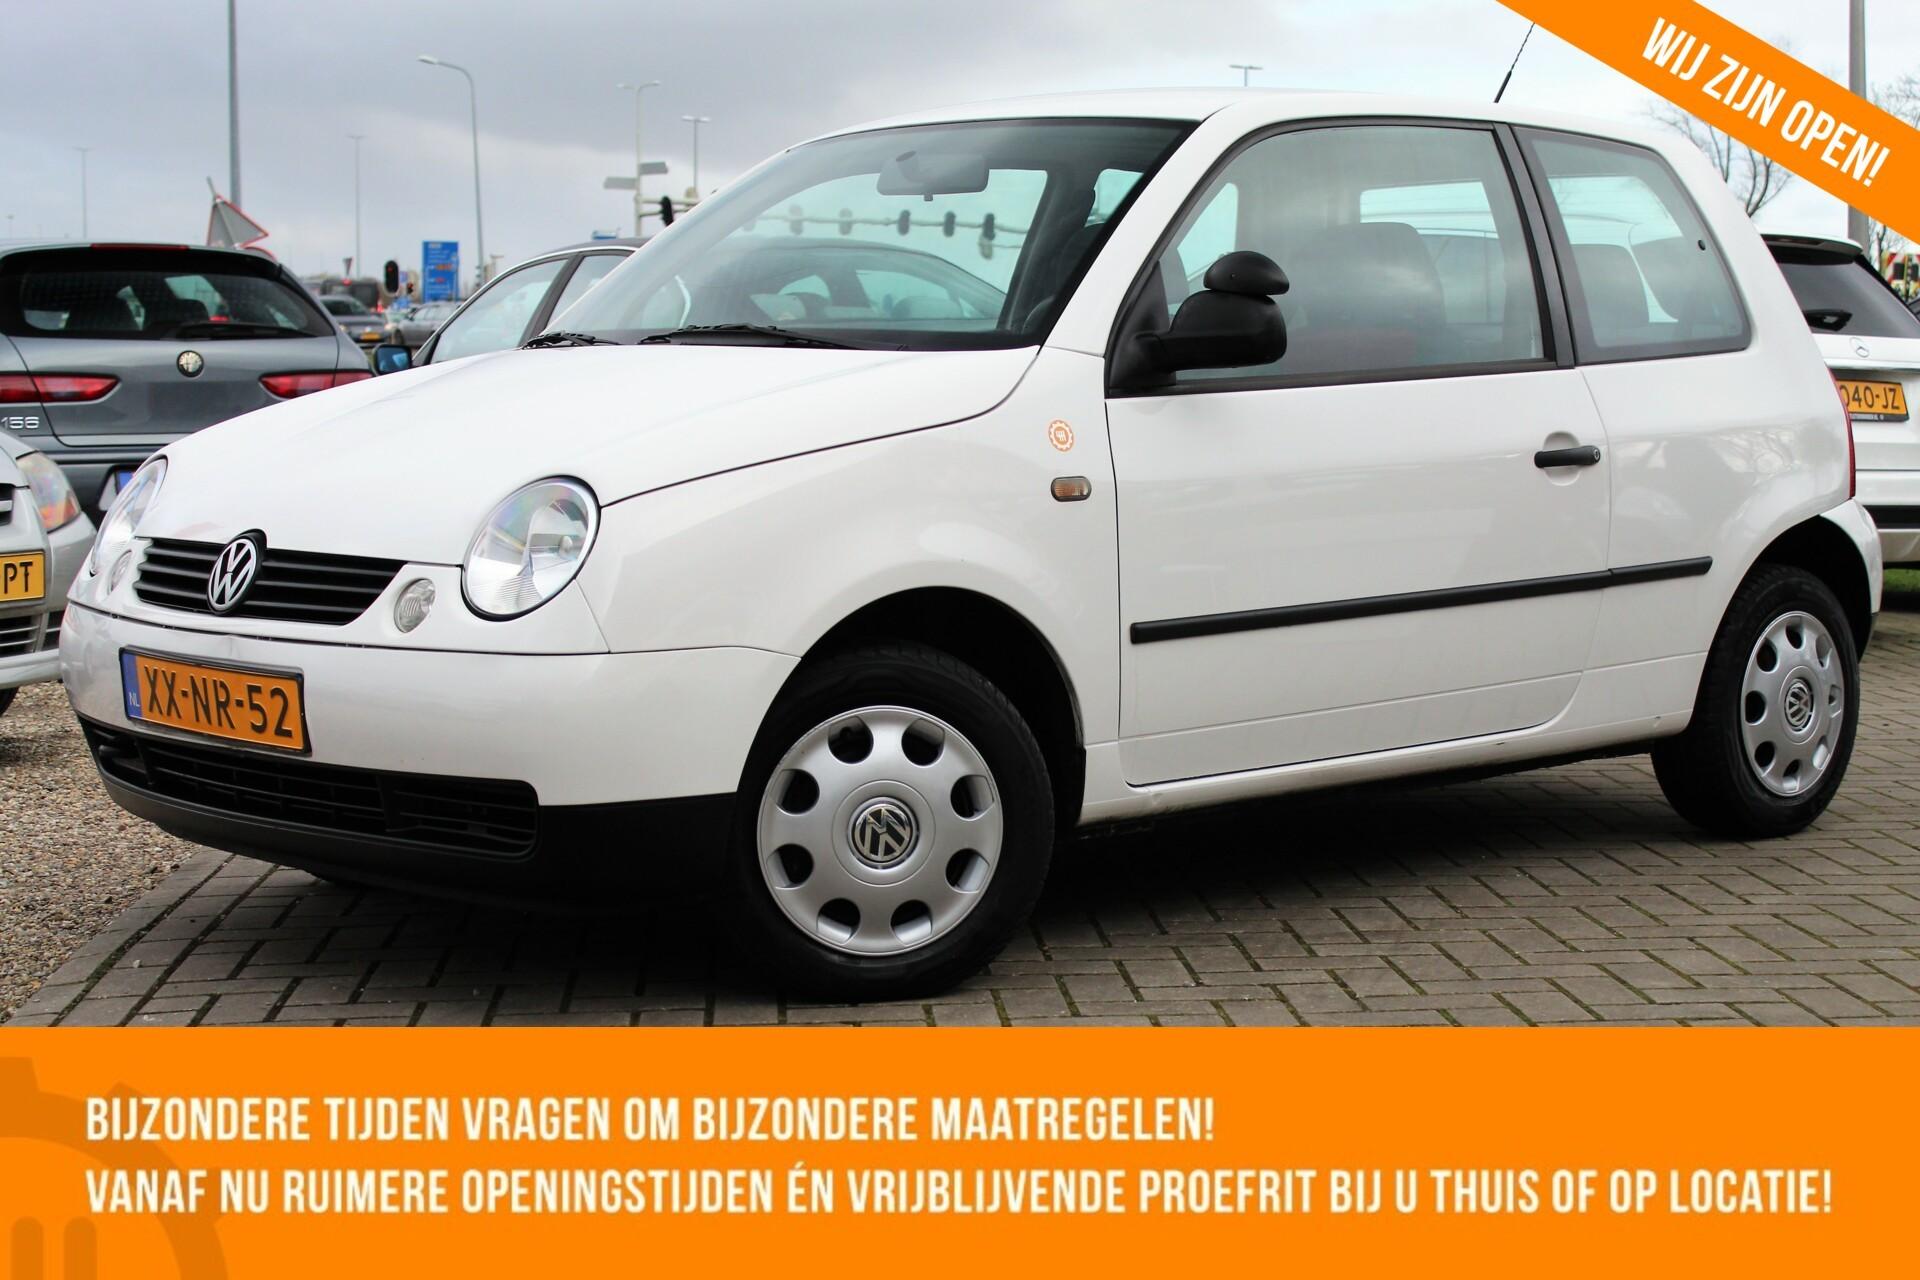 Caroutlet Groningen - Volkswagen Lupo 1.4-16V   AUTOMAAT   NIEUWE APK   TOP ONDERHOUDEN